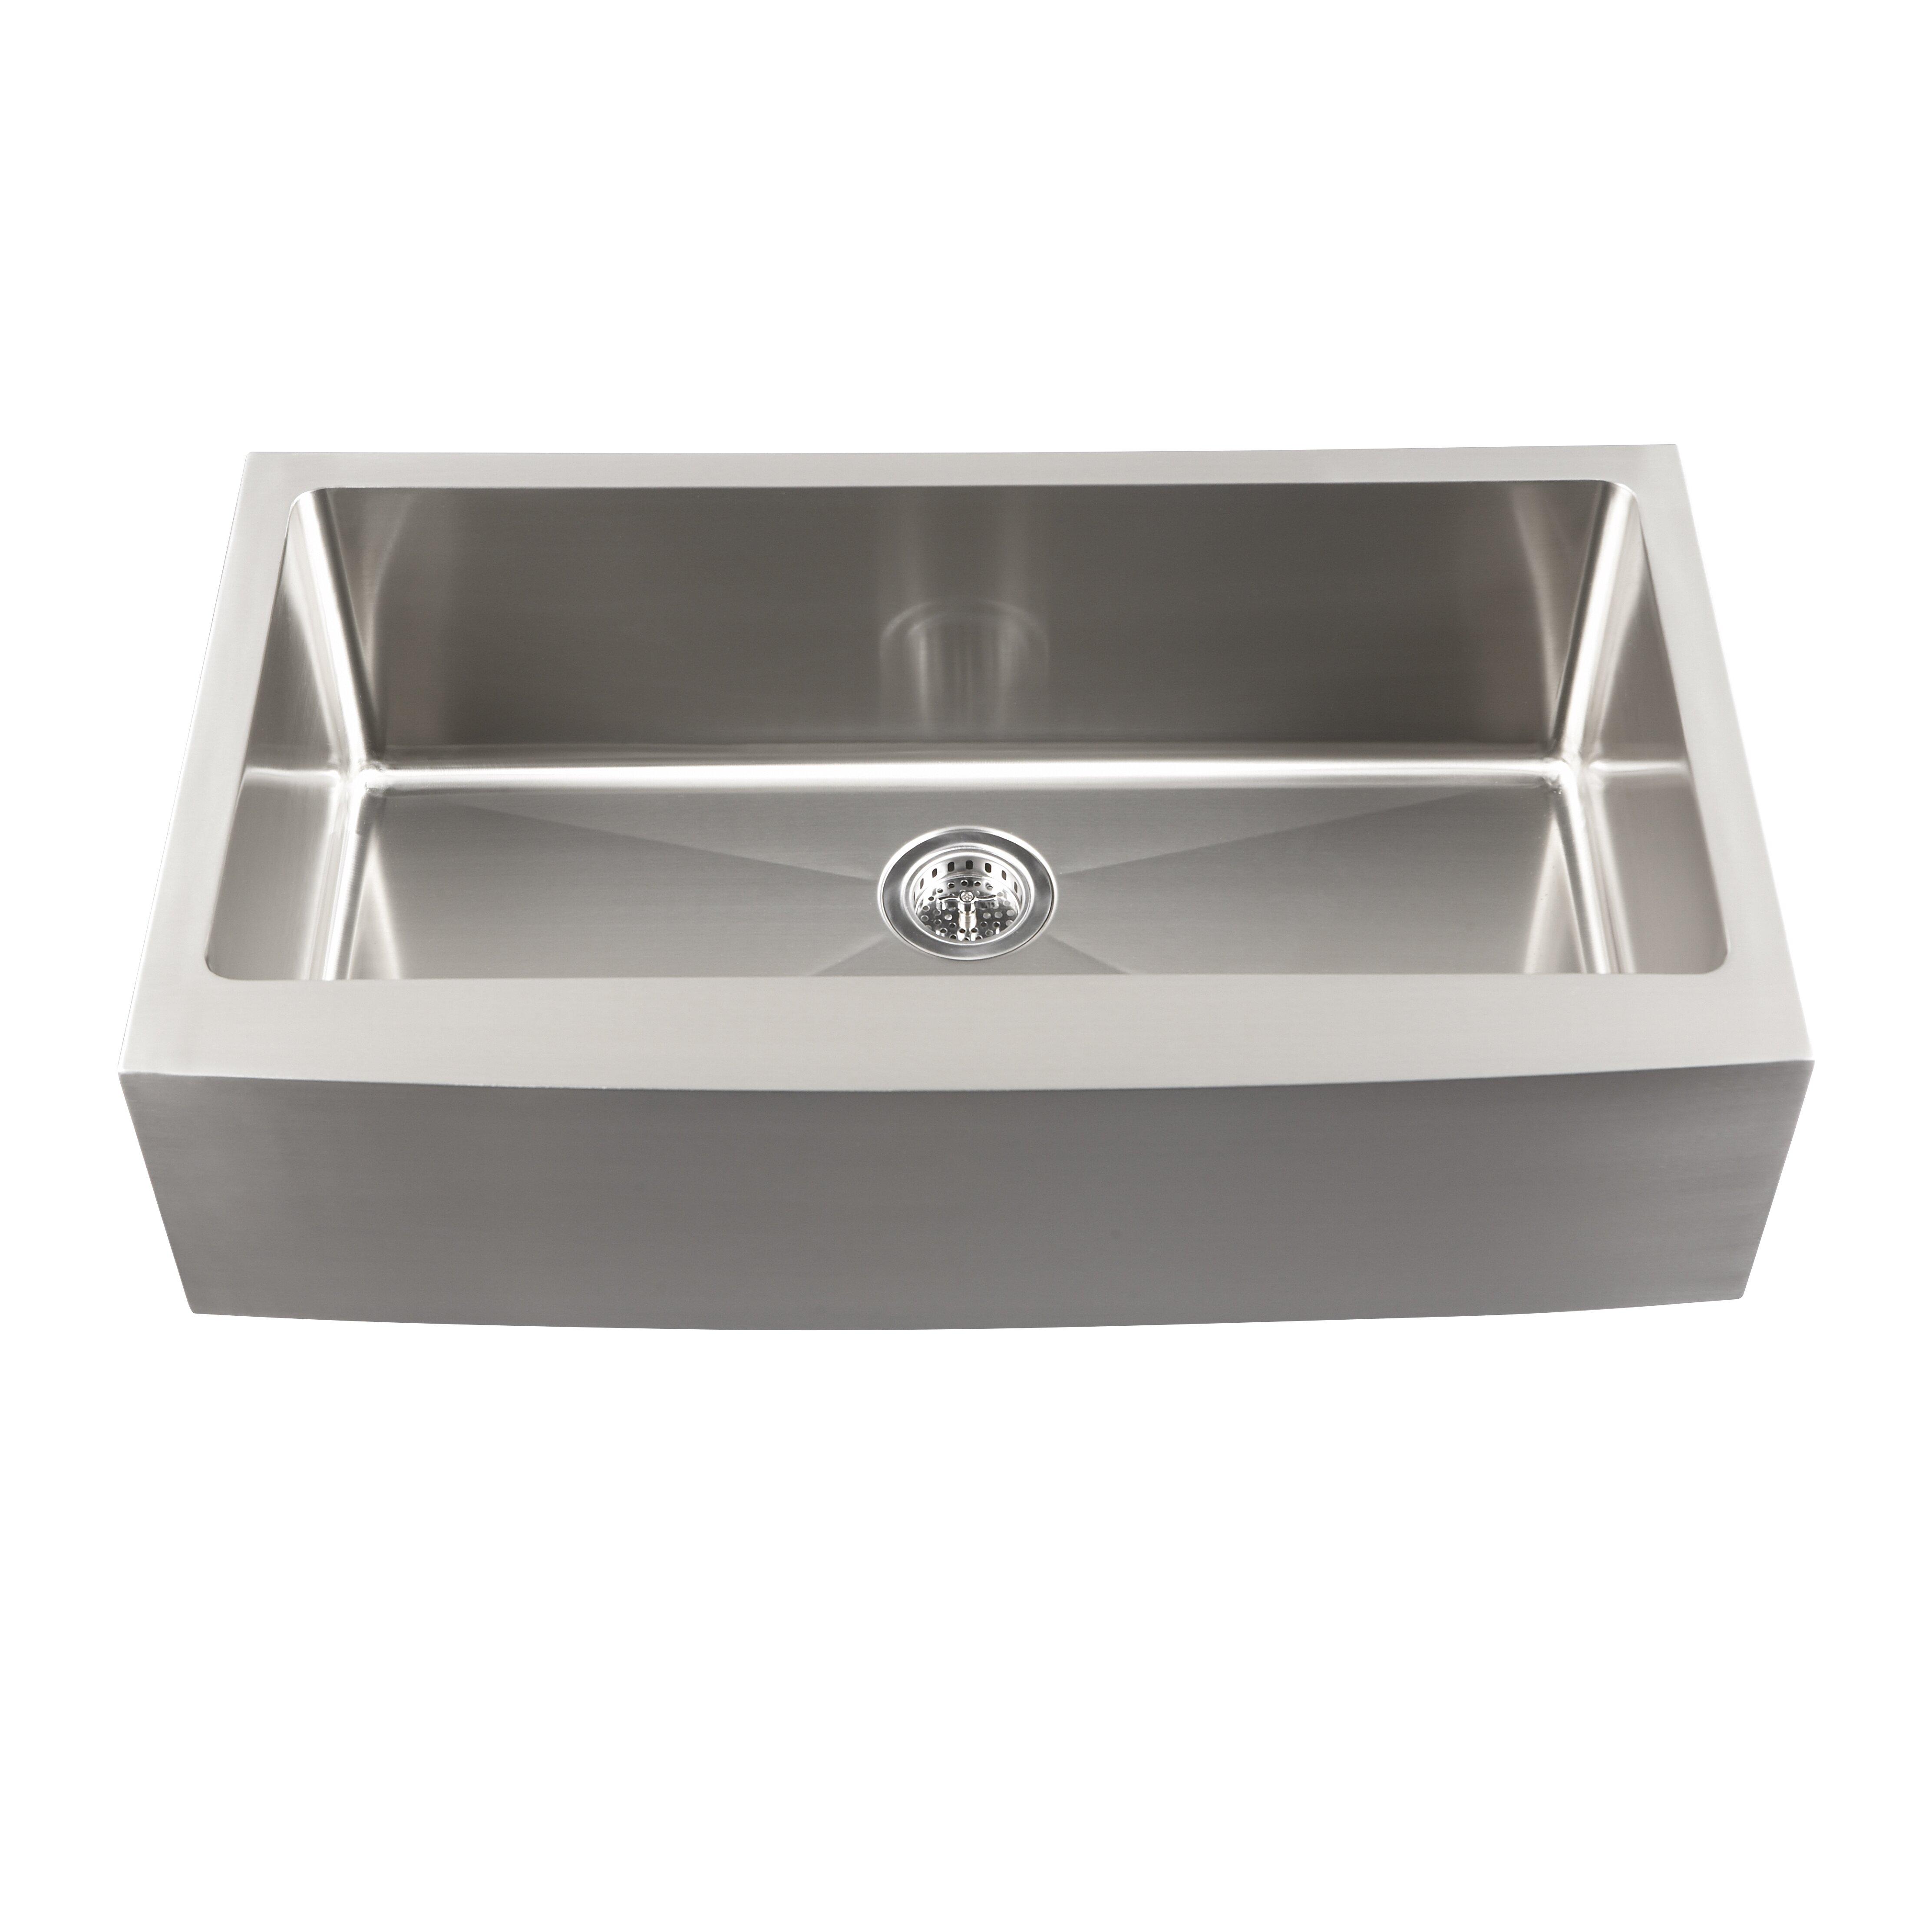 Single Bowl Farmhouse Sink : Schon 22